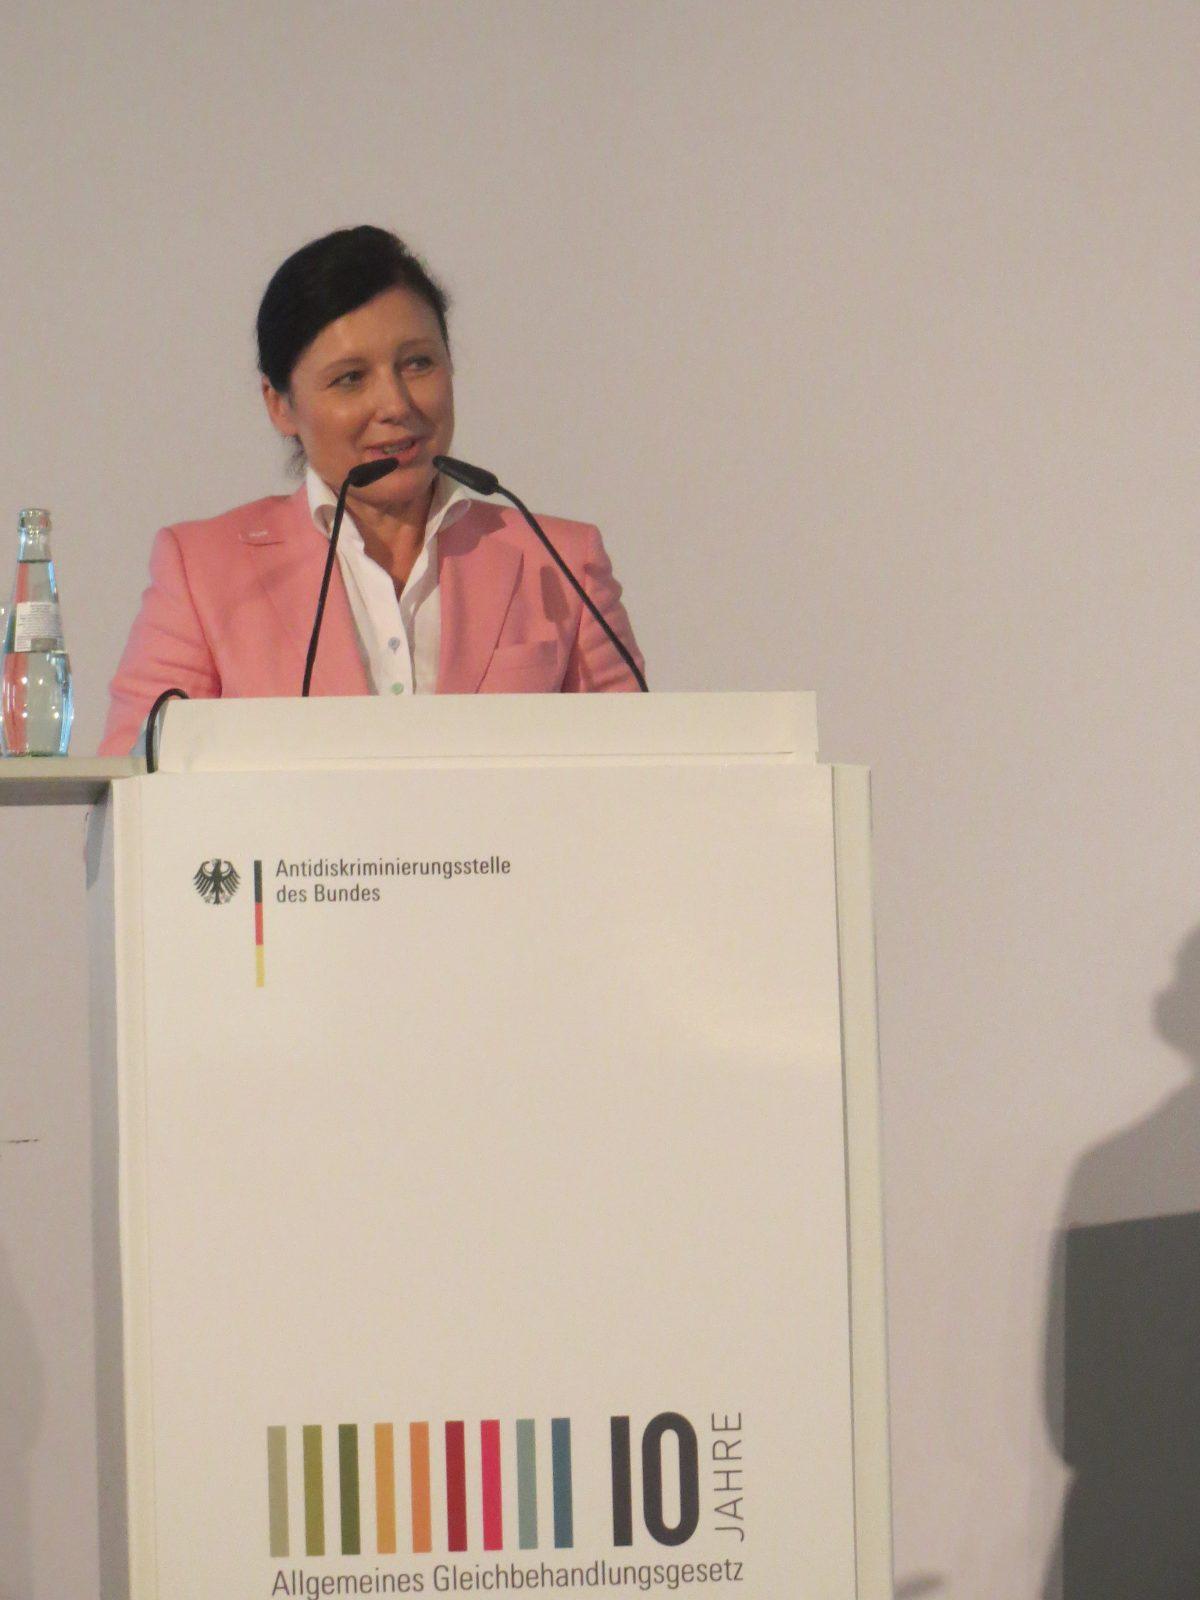 Commissioner Vera Jourova: